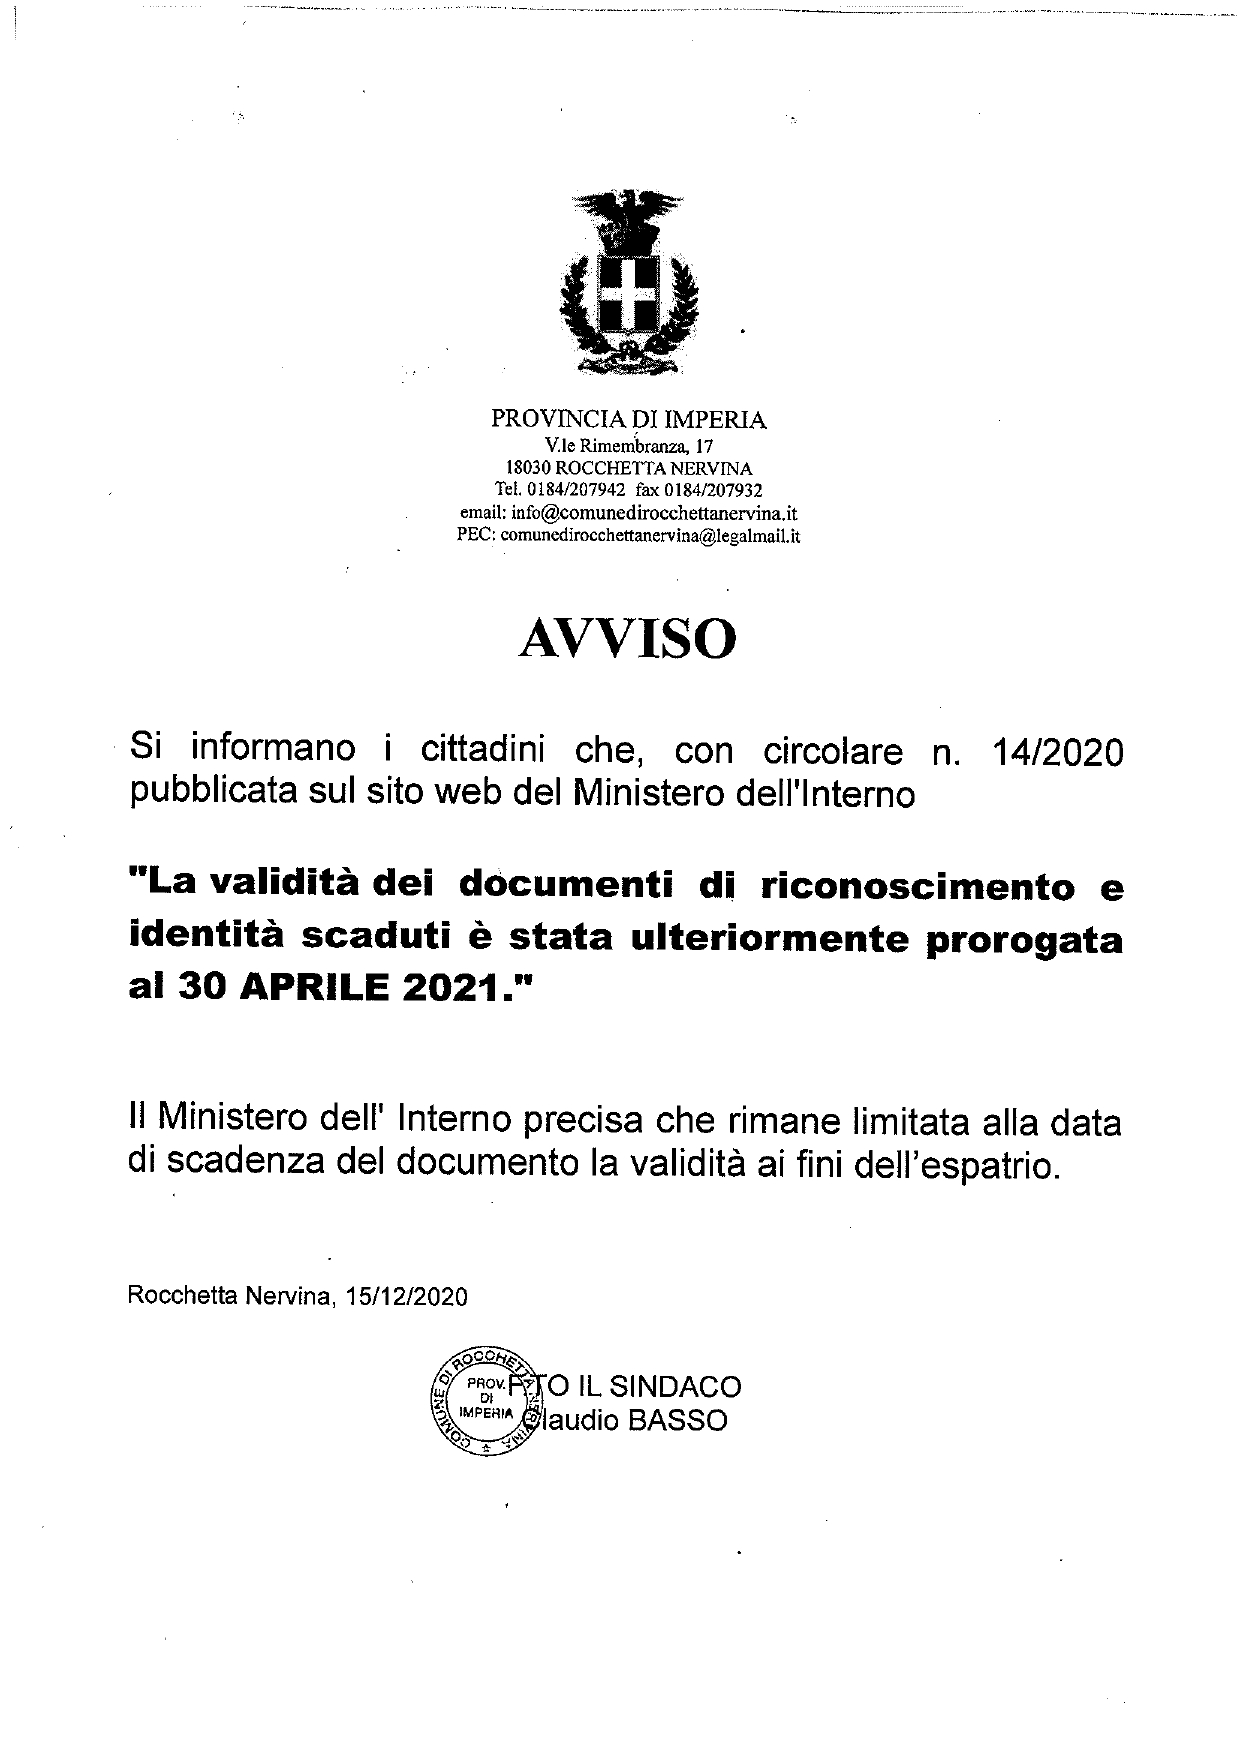 Avviso proroga Carta d'Identità al 30 aprile_page-0001